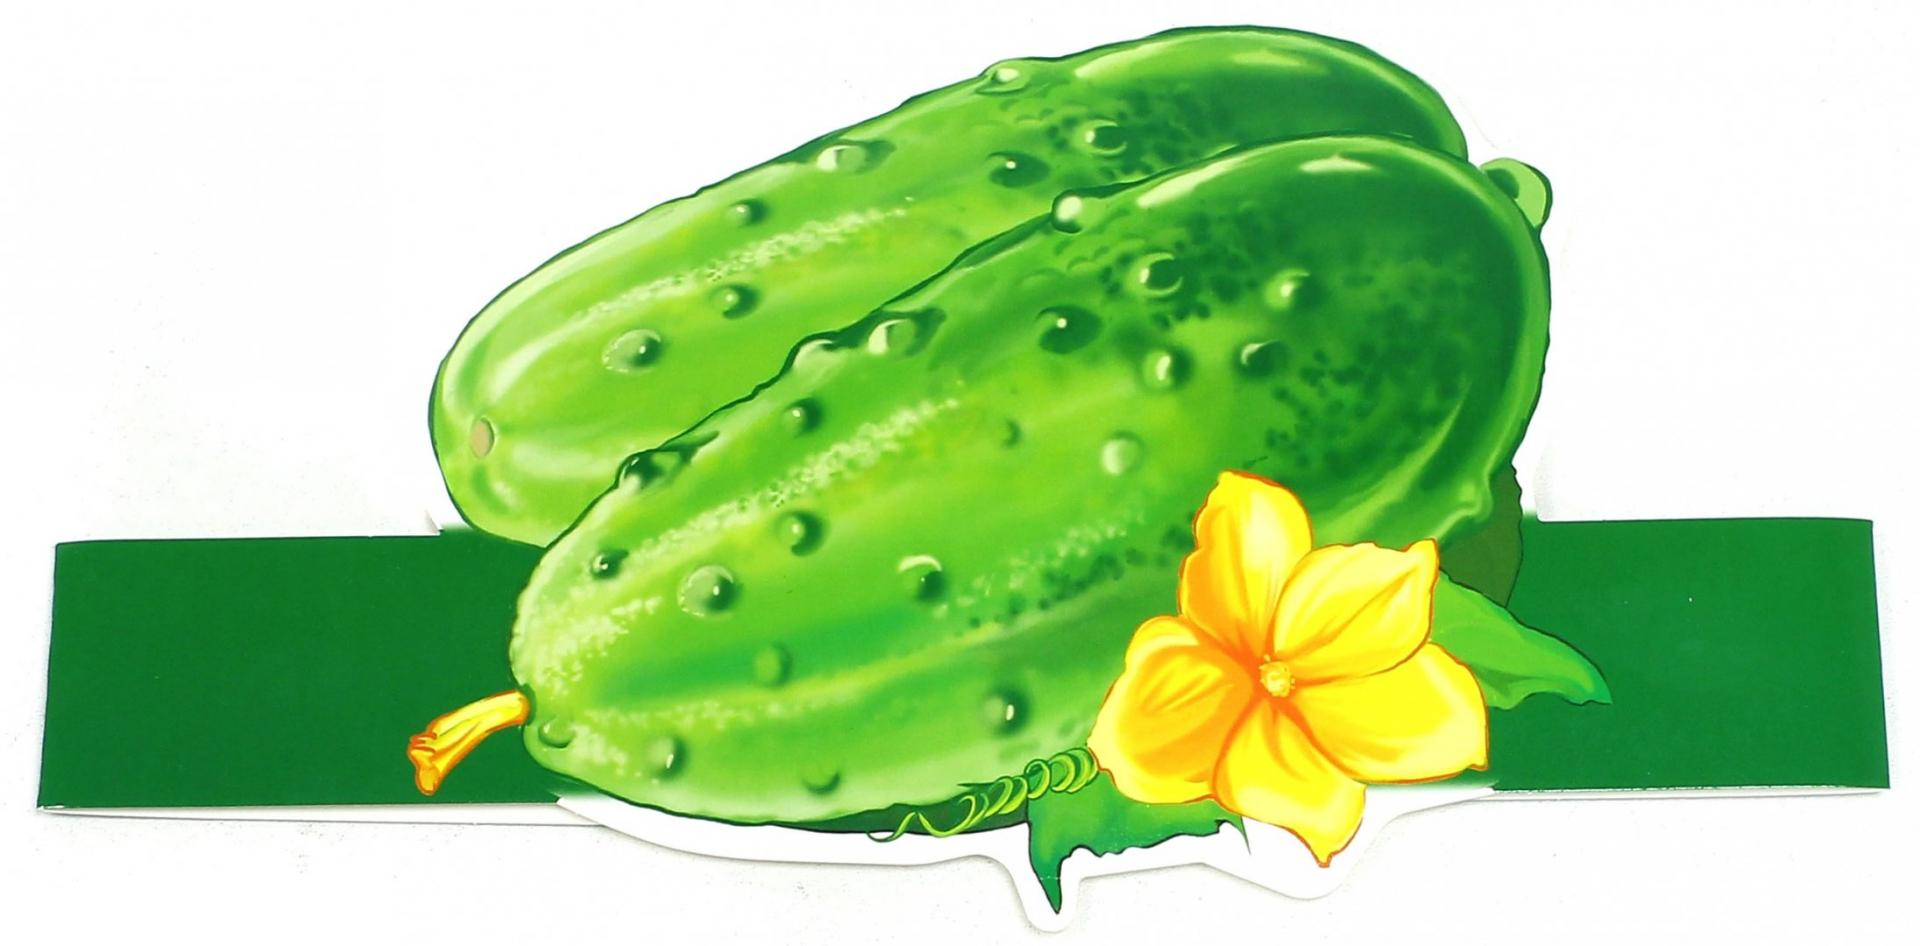 Картинка овощи для детей на голову распечатать